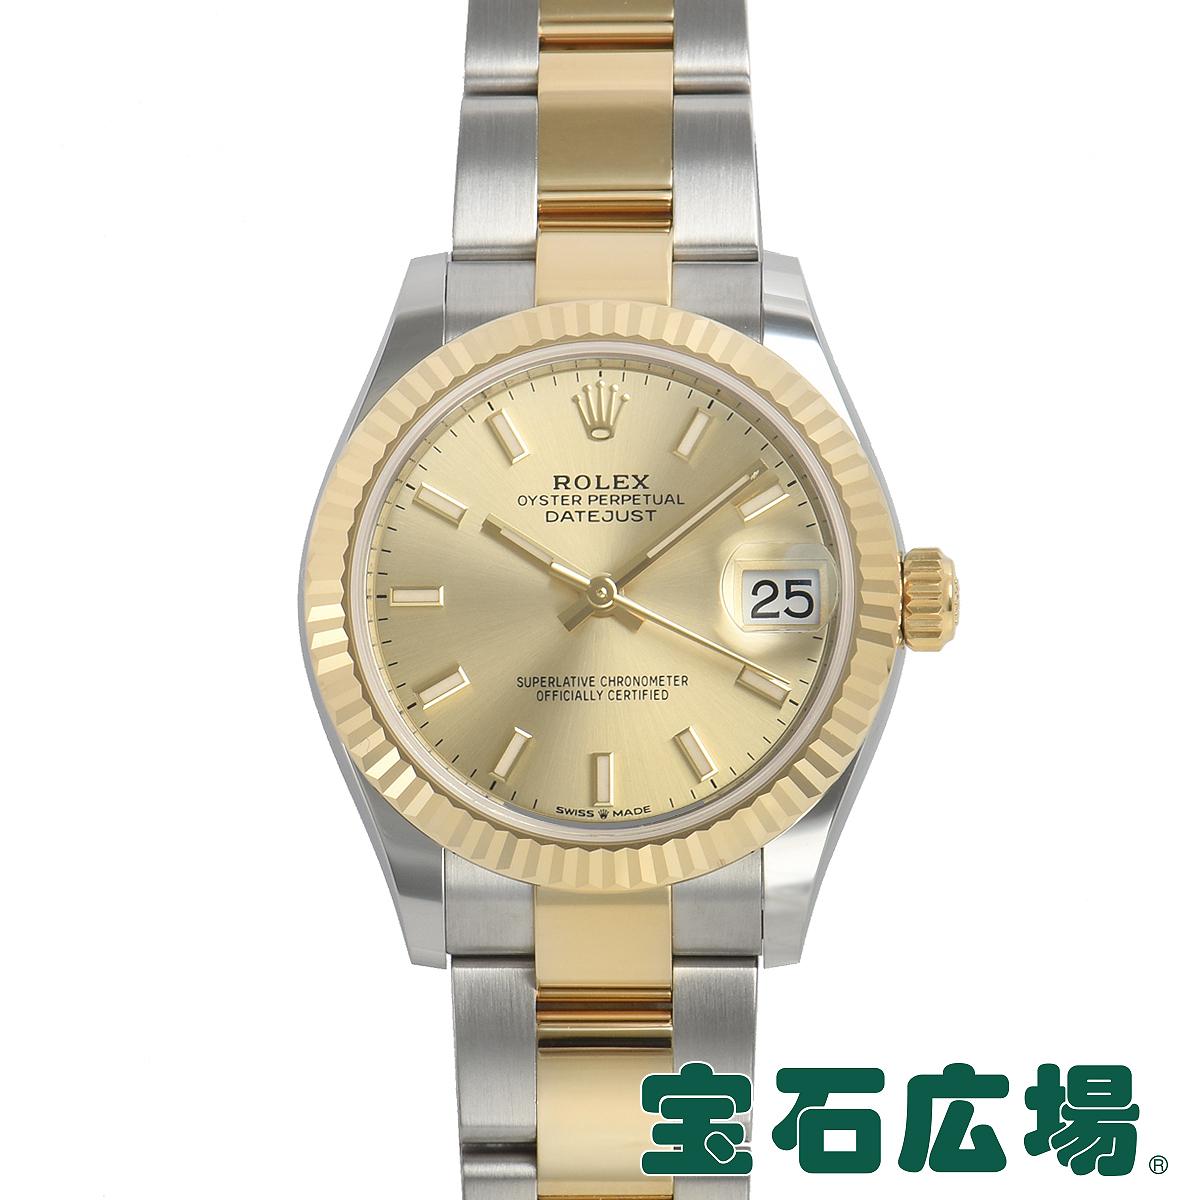 ロレックス ROLEX デイトジャスト31 278273【新品】ユニセックス 腕時計 送料・代引手数料無料